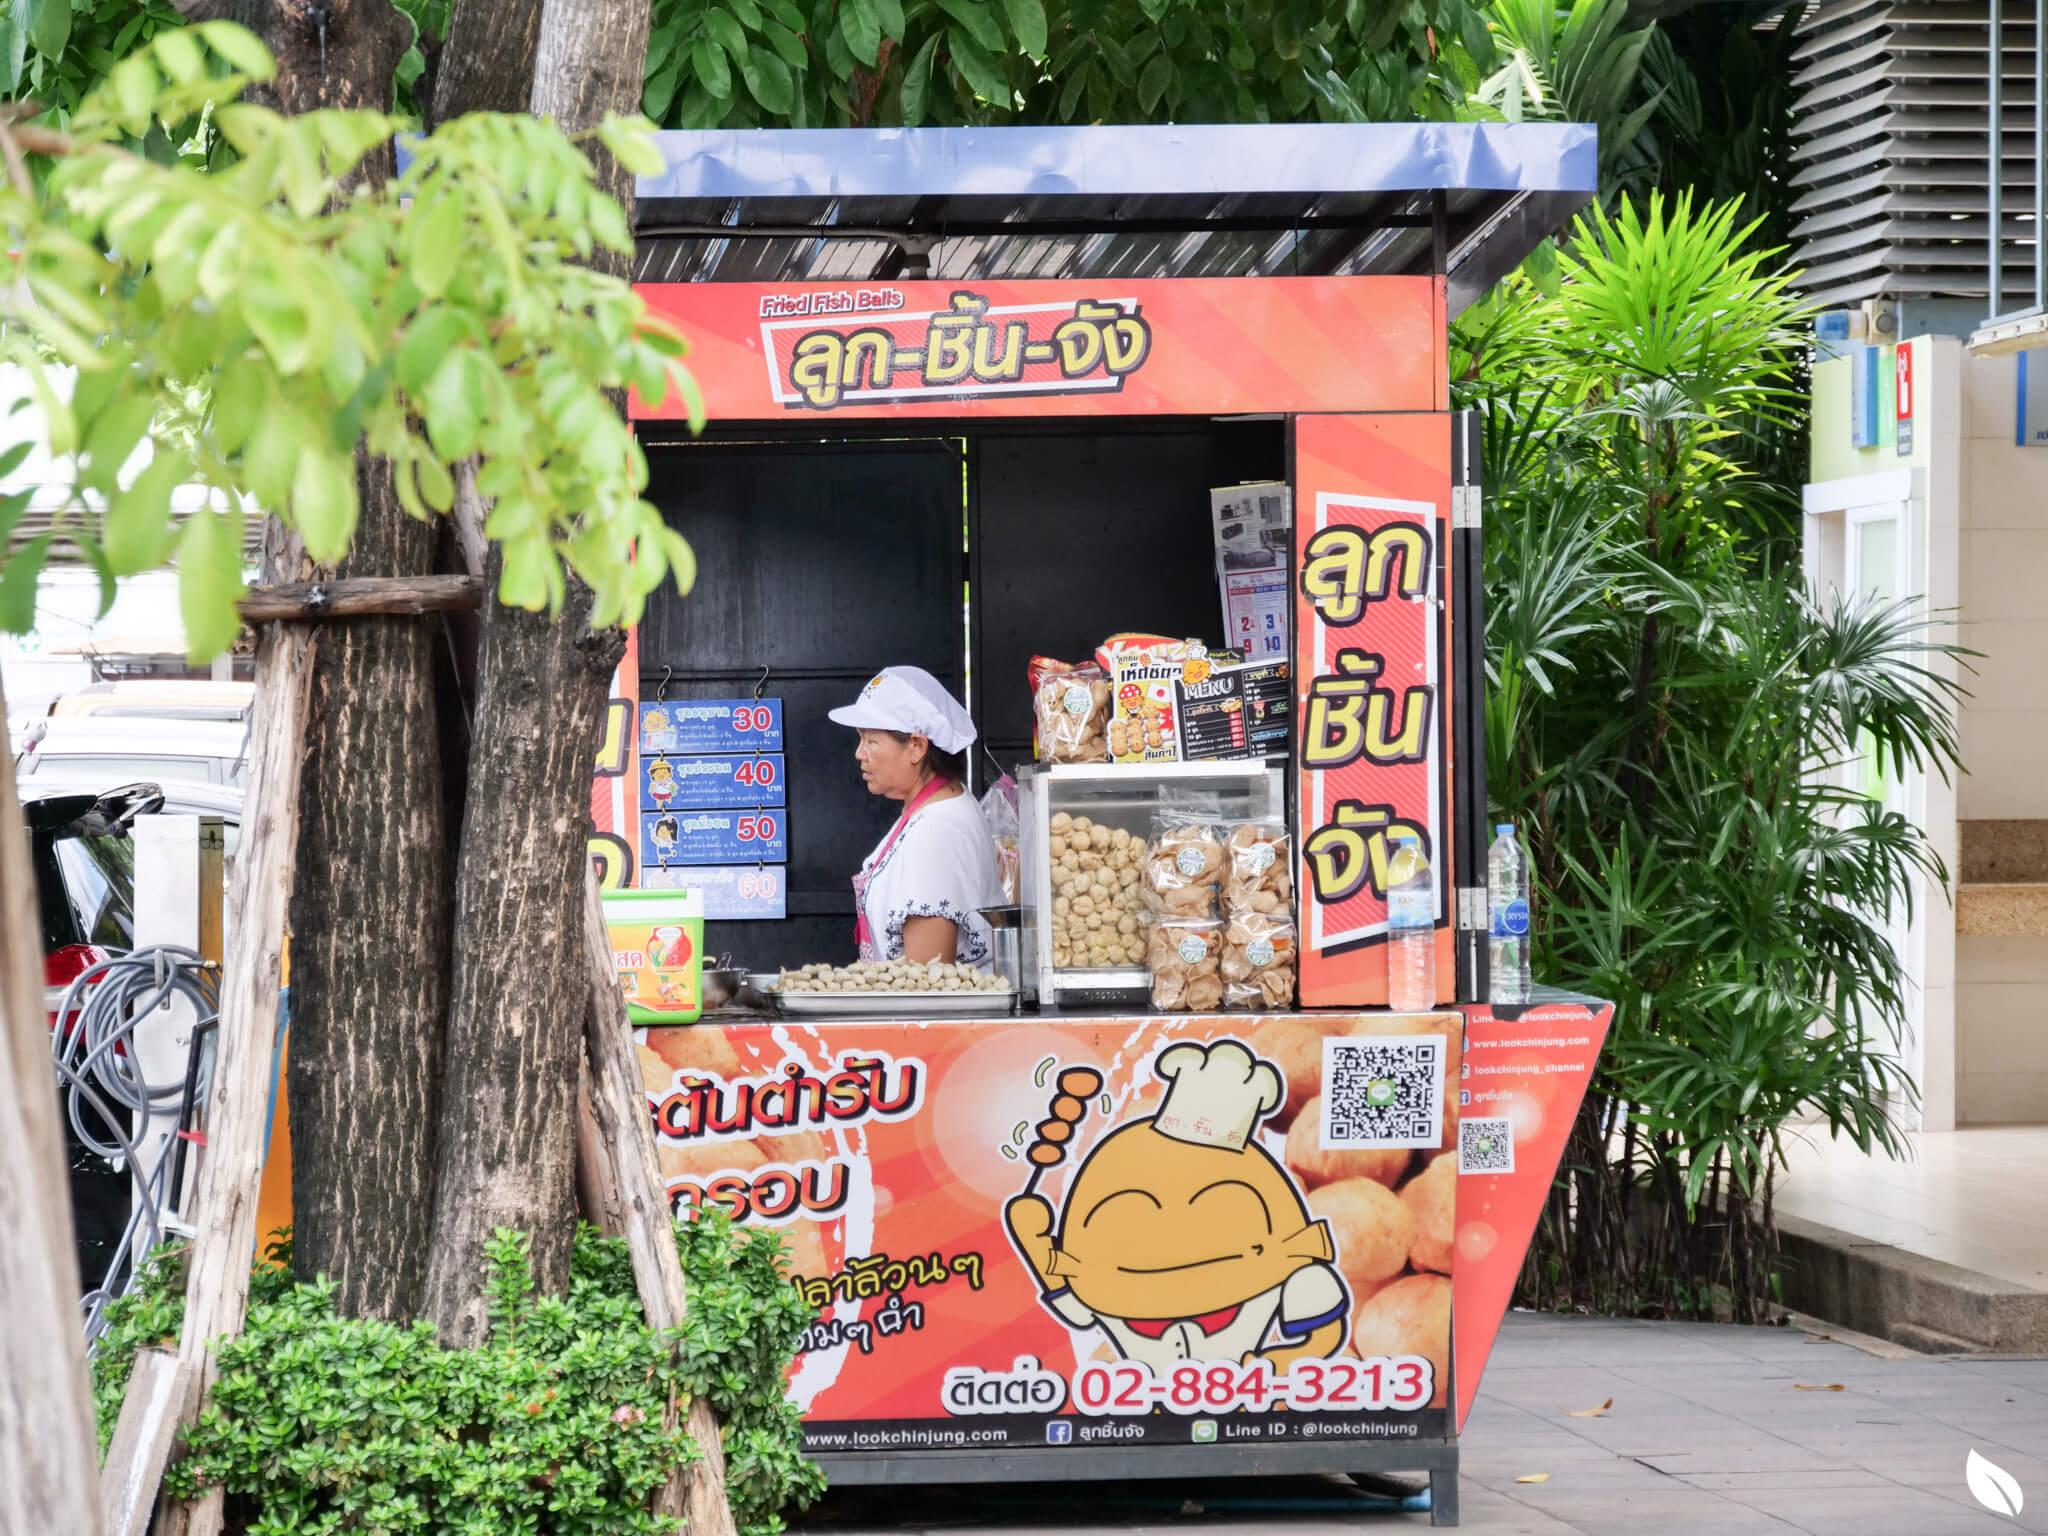 """""""ลาดพร้าว"""" มองหาบ้านสังคมดี ในงบสบาย ลองรู้จักทำเล """"เสรีไทย 38"""" กันก่อน 32 - AP (Thailand) - เอพี (ไทยแลนด์)"""